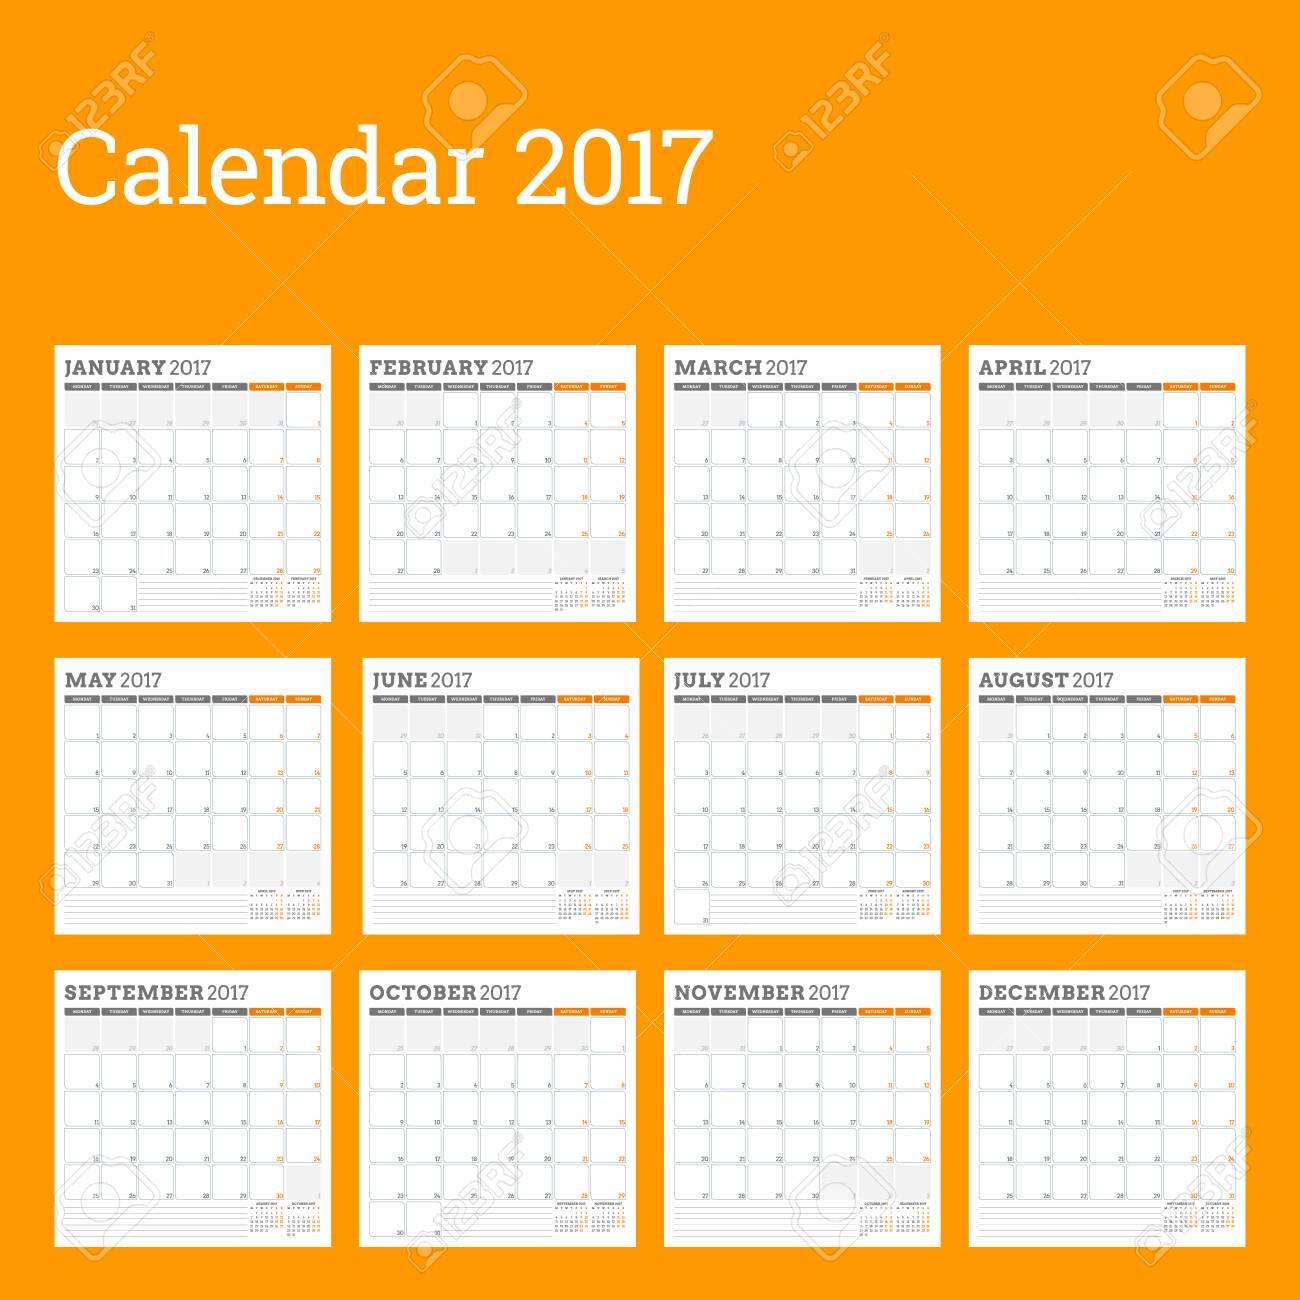 Calendario 12 Mesi.Calendario Planner Template Per L Anno 2017 La Settimana Inizia Lunedi Set Di 12 Mesi Design Di Cancelleria Modello Di Calendario